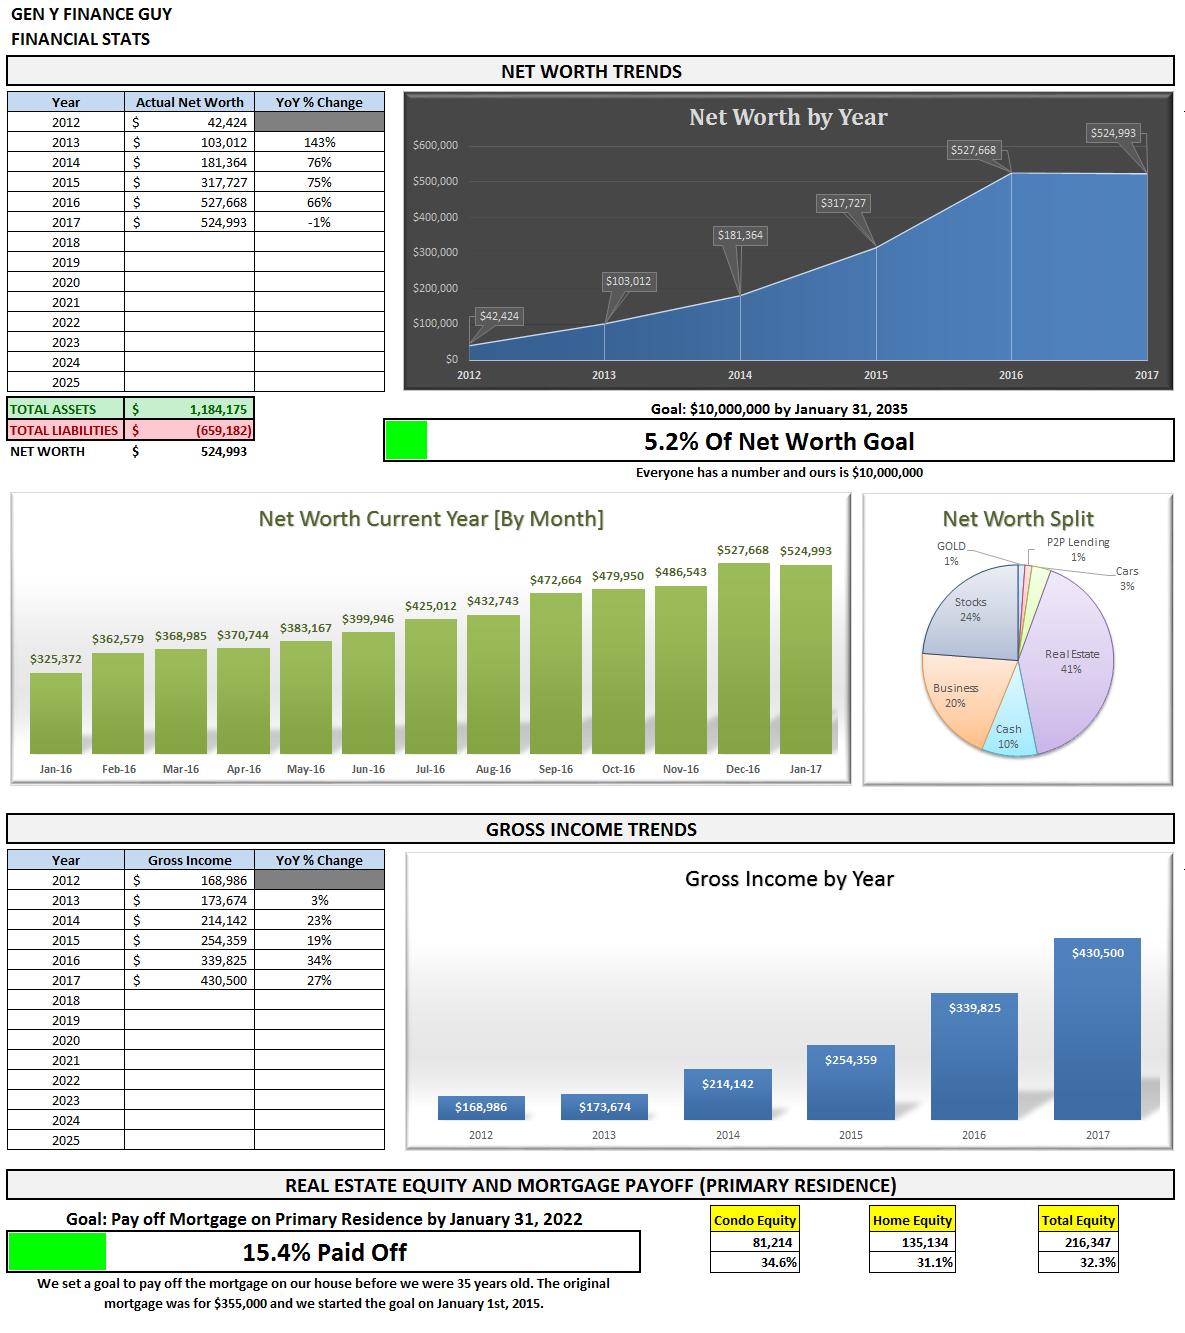 January 2017 Financial Stats